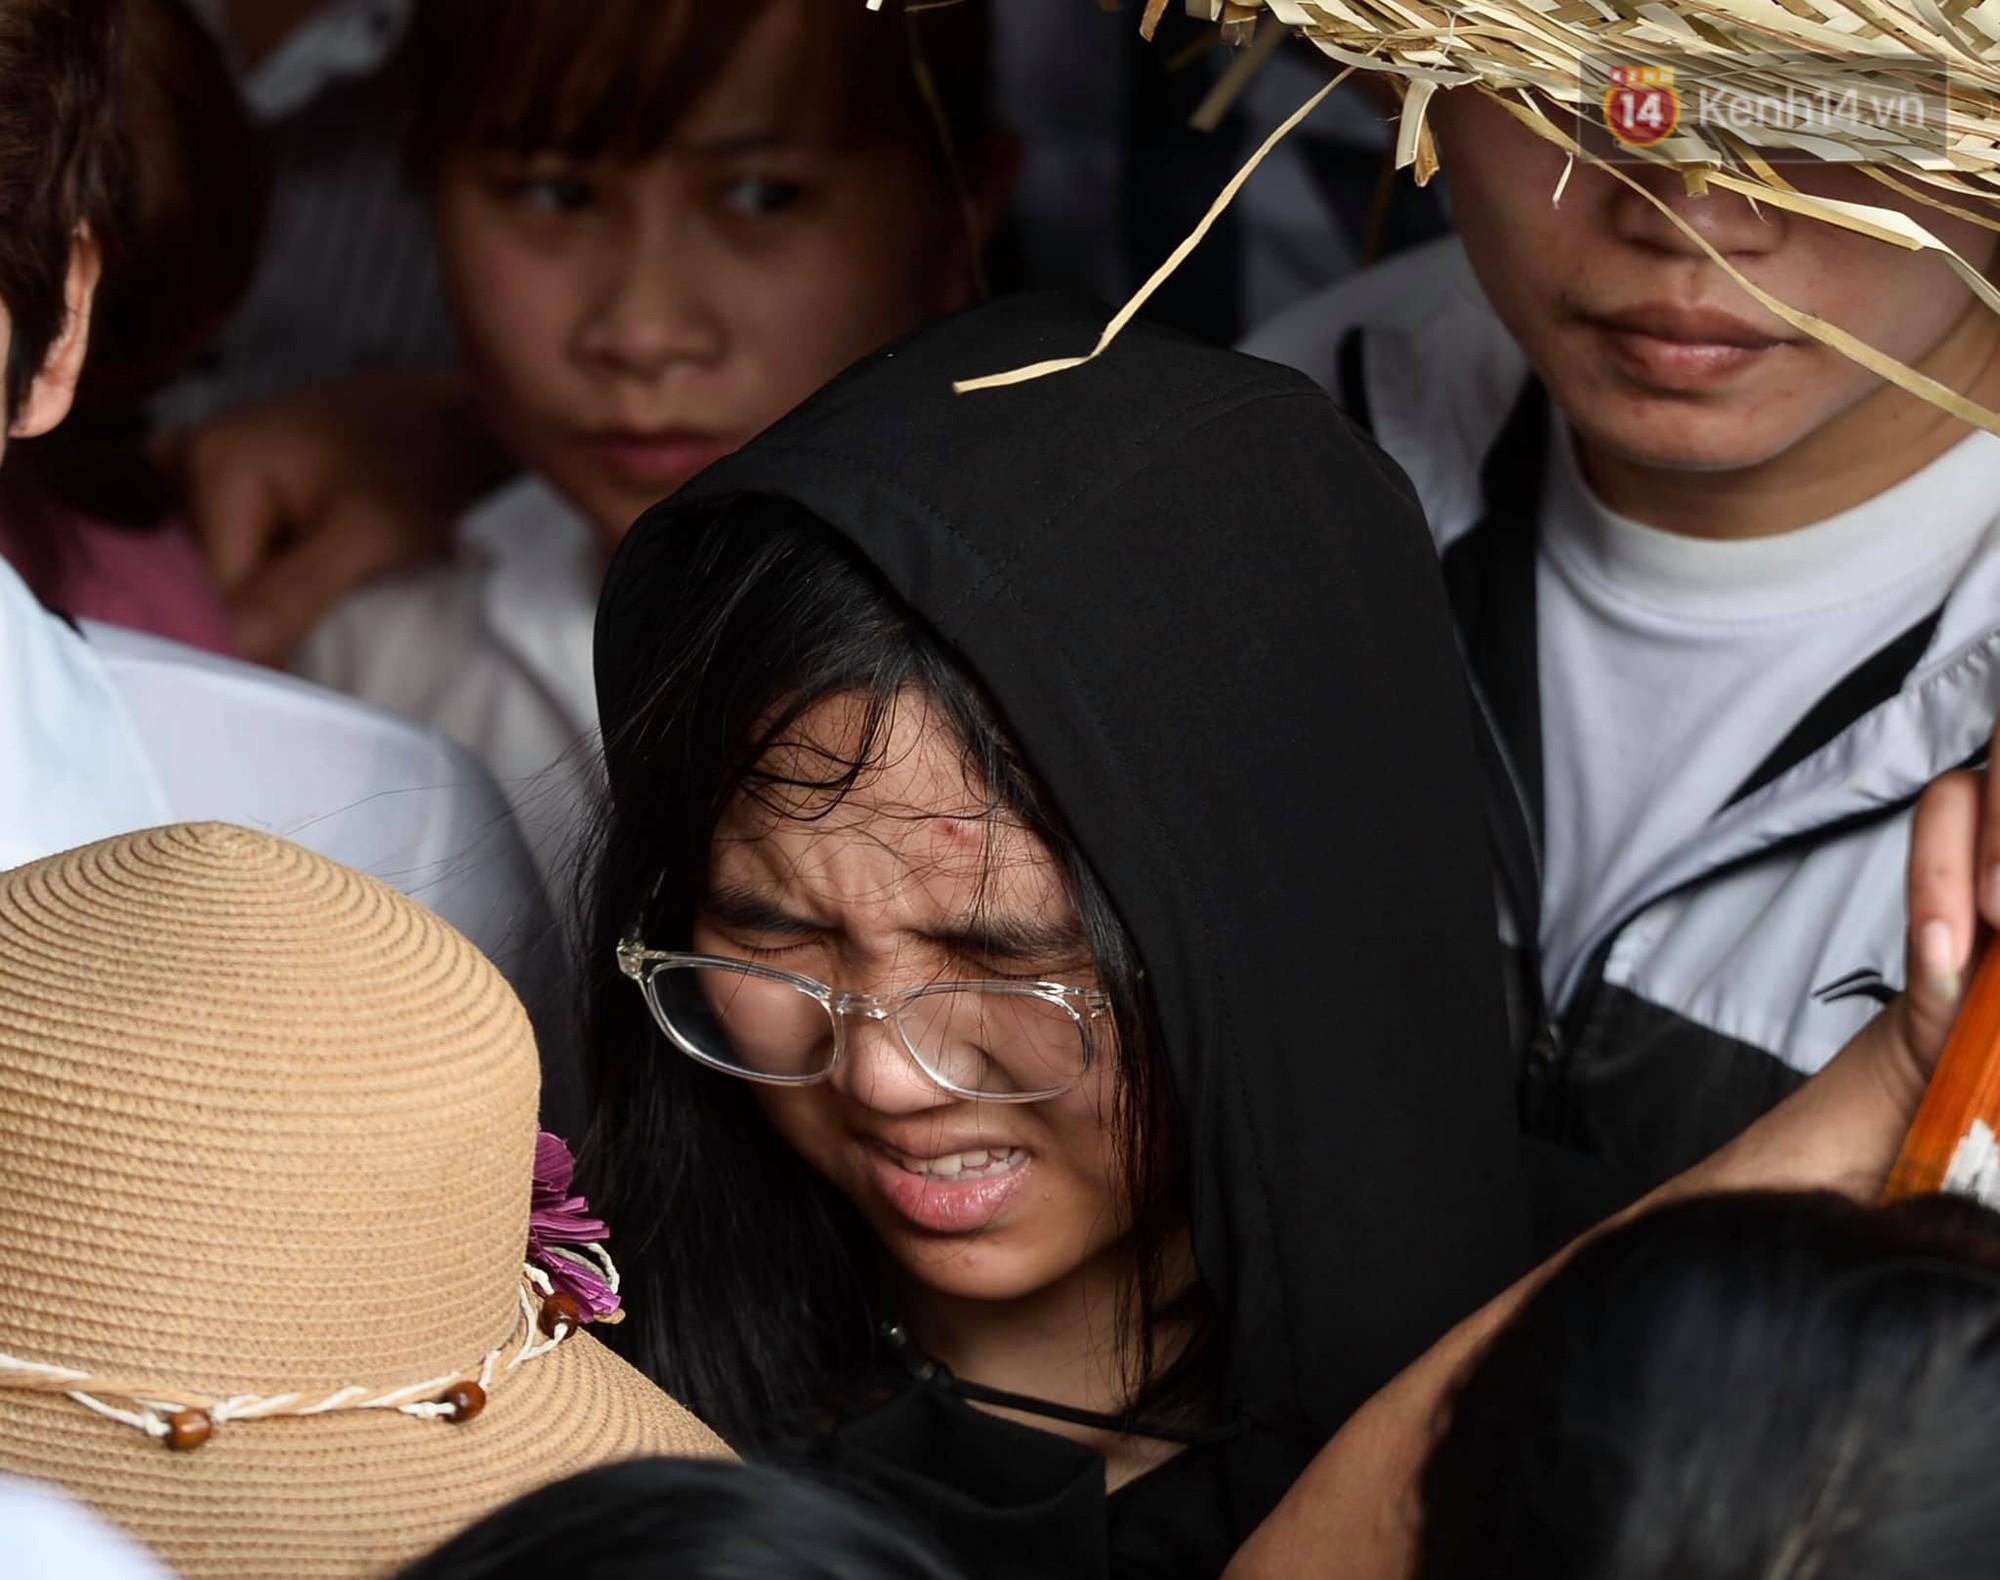 Ảnh: Mệt mỏi vì chen lấn giữa hàng vạn người dù chưa khai hội chùa Hương, nhiều em nhỏ ngủ gục trên vai mẹ-4